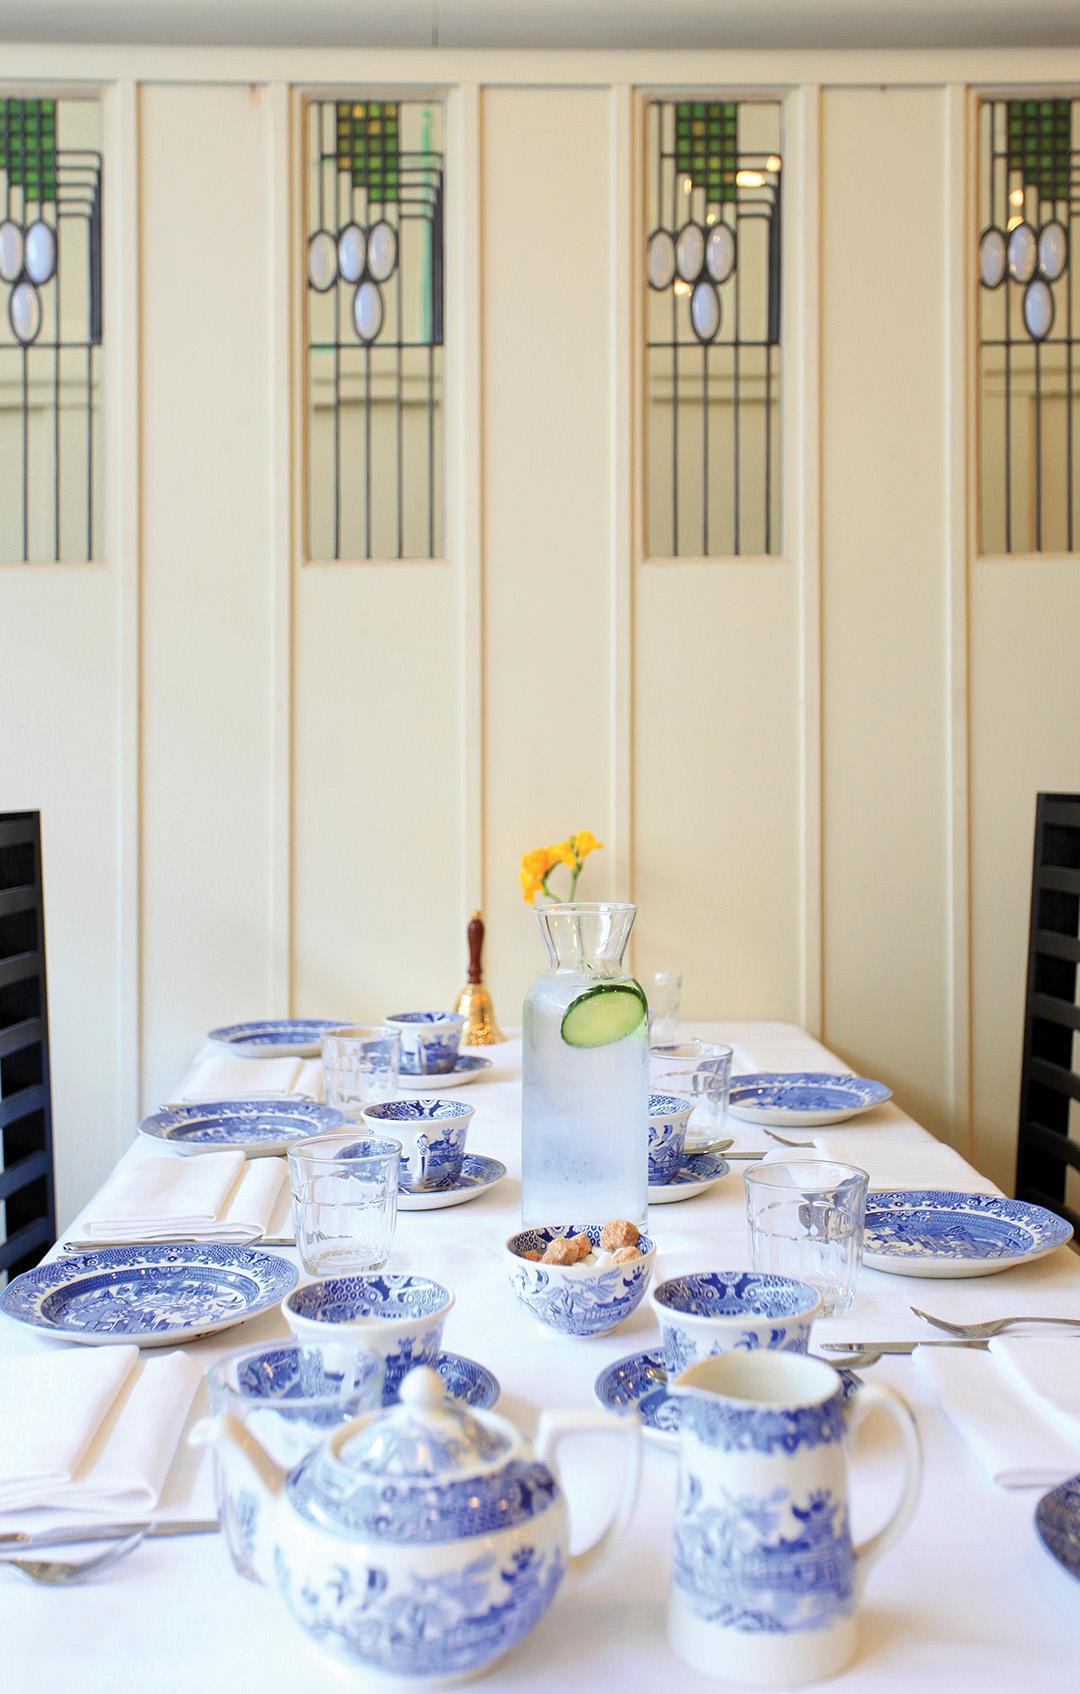 Mackintosh Tea Room